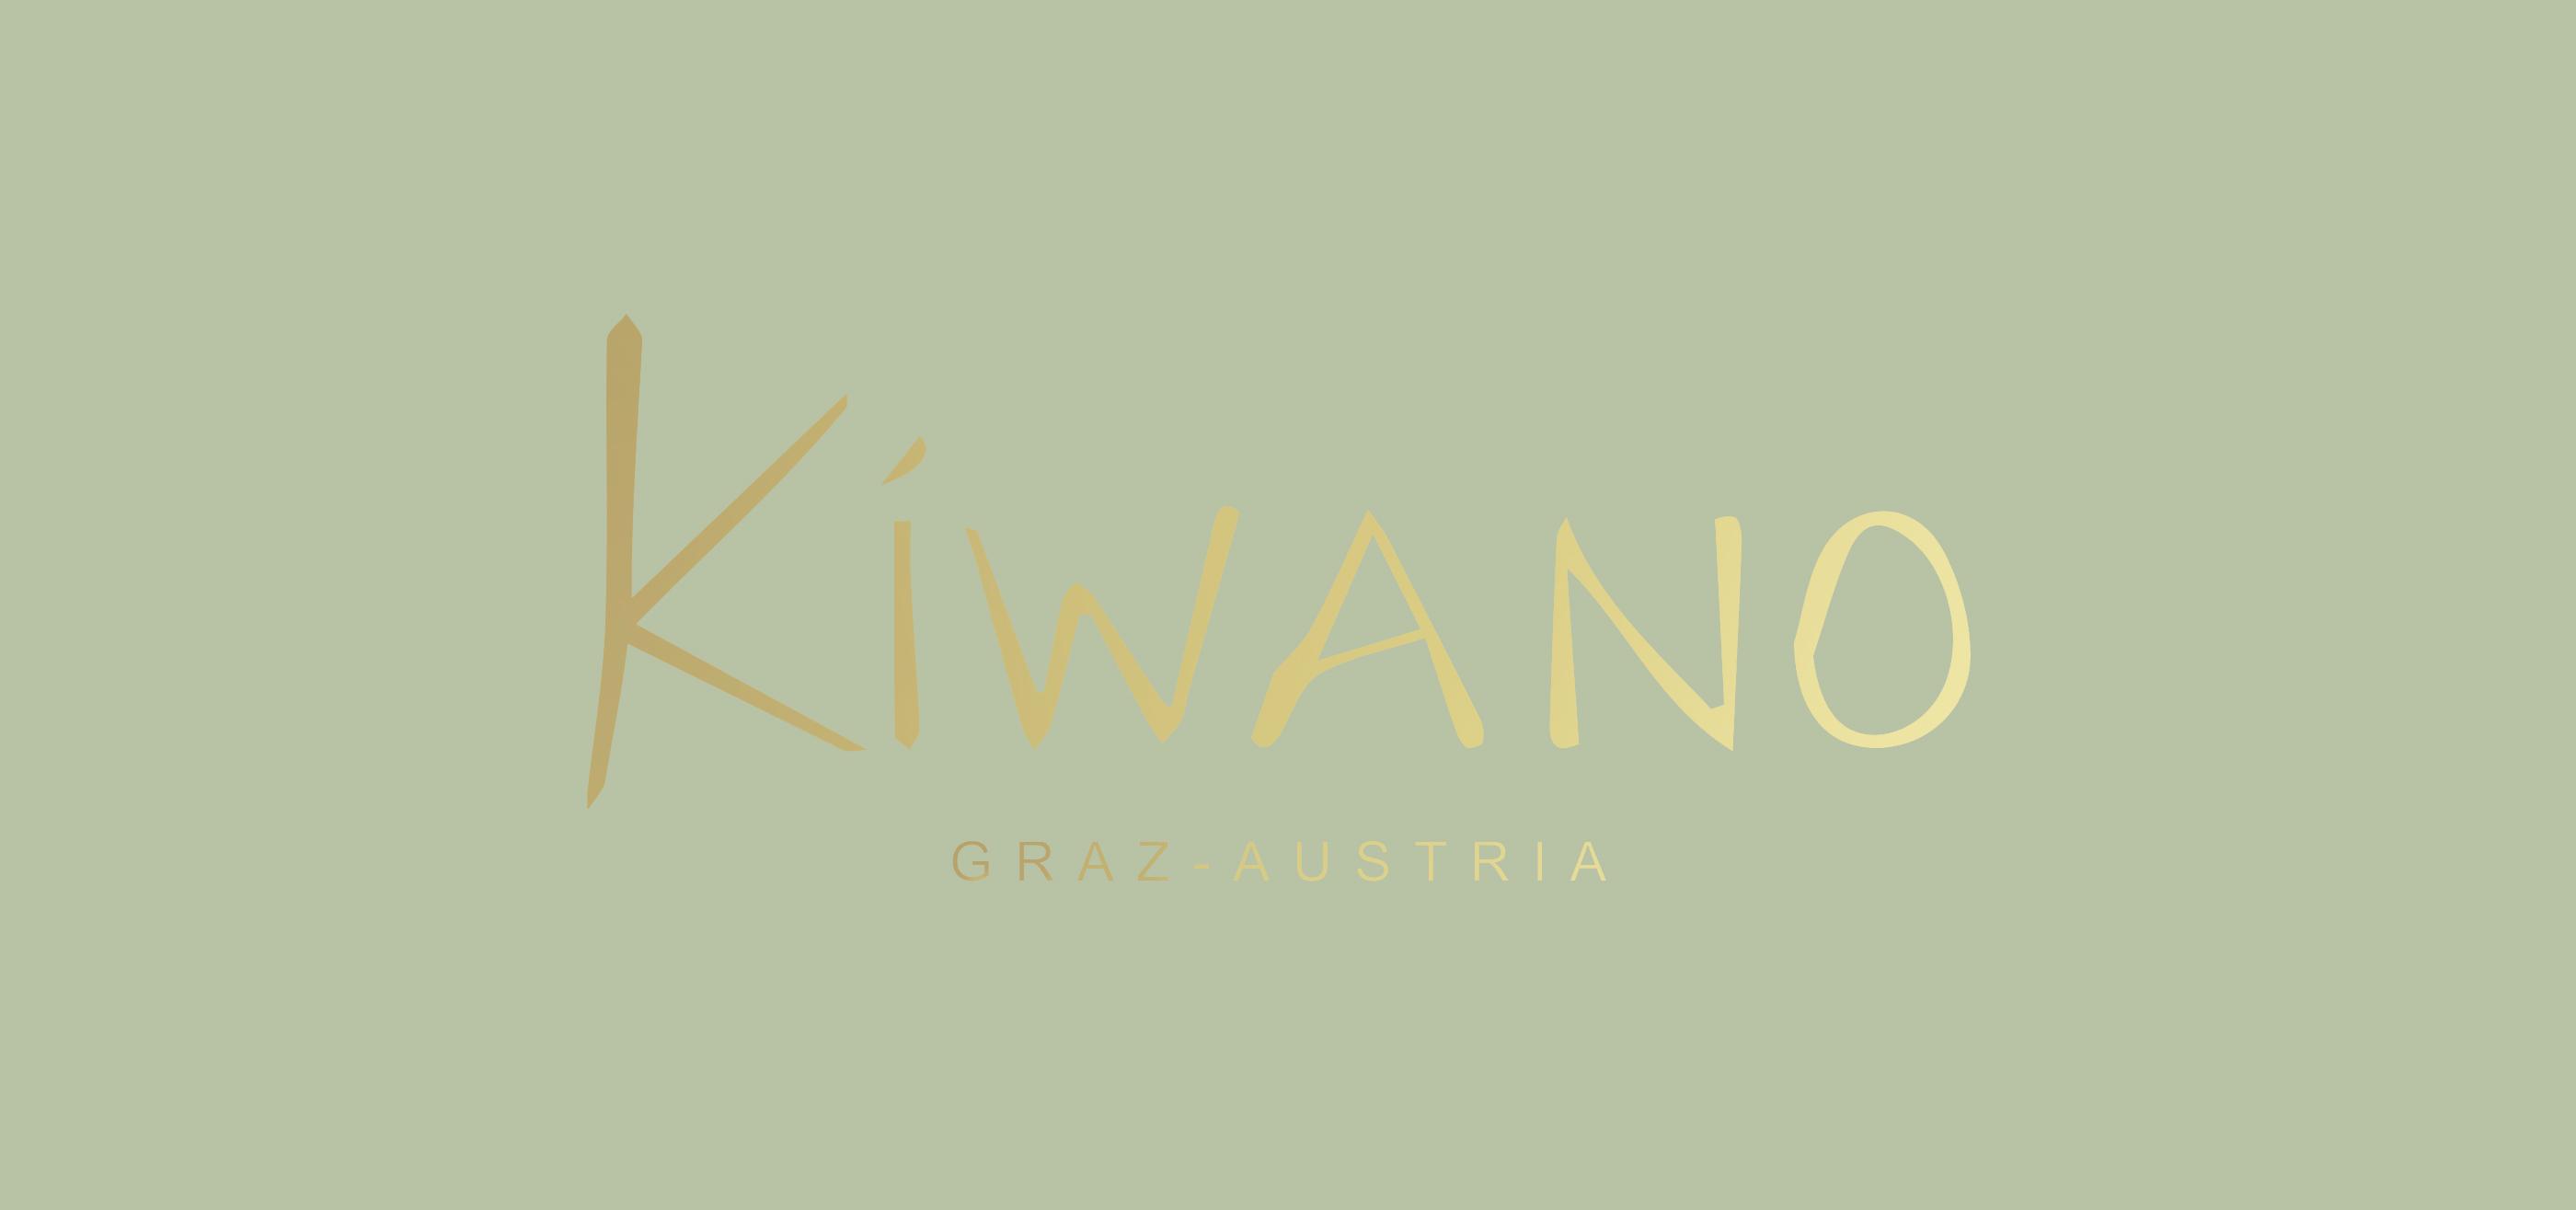 kiwano-logo